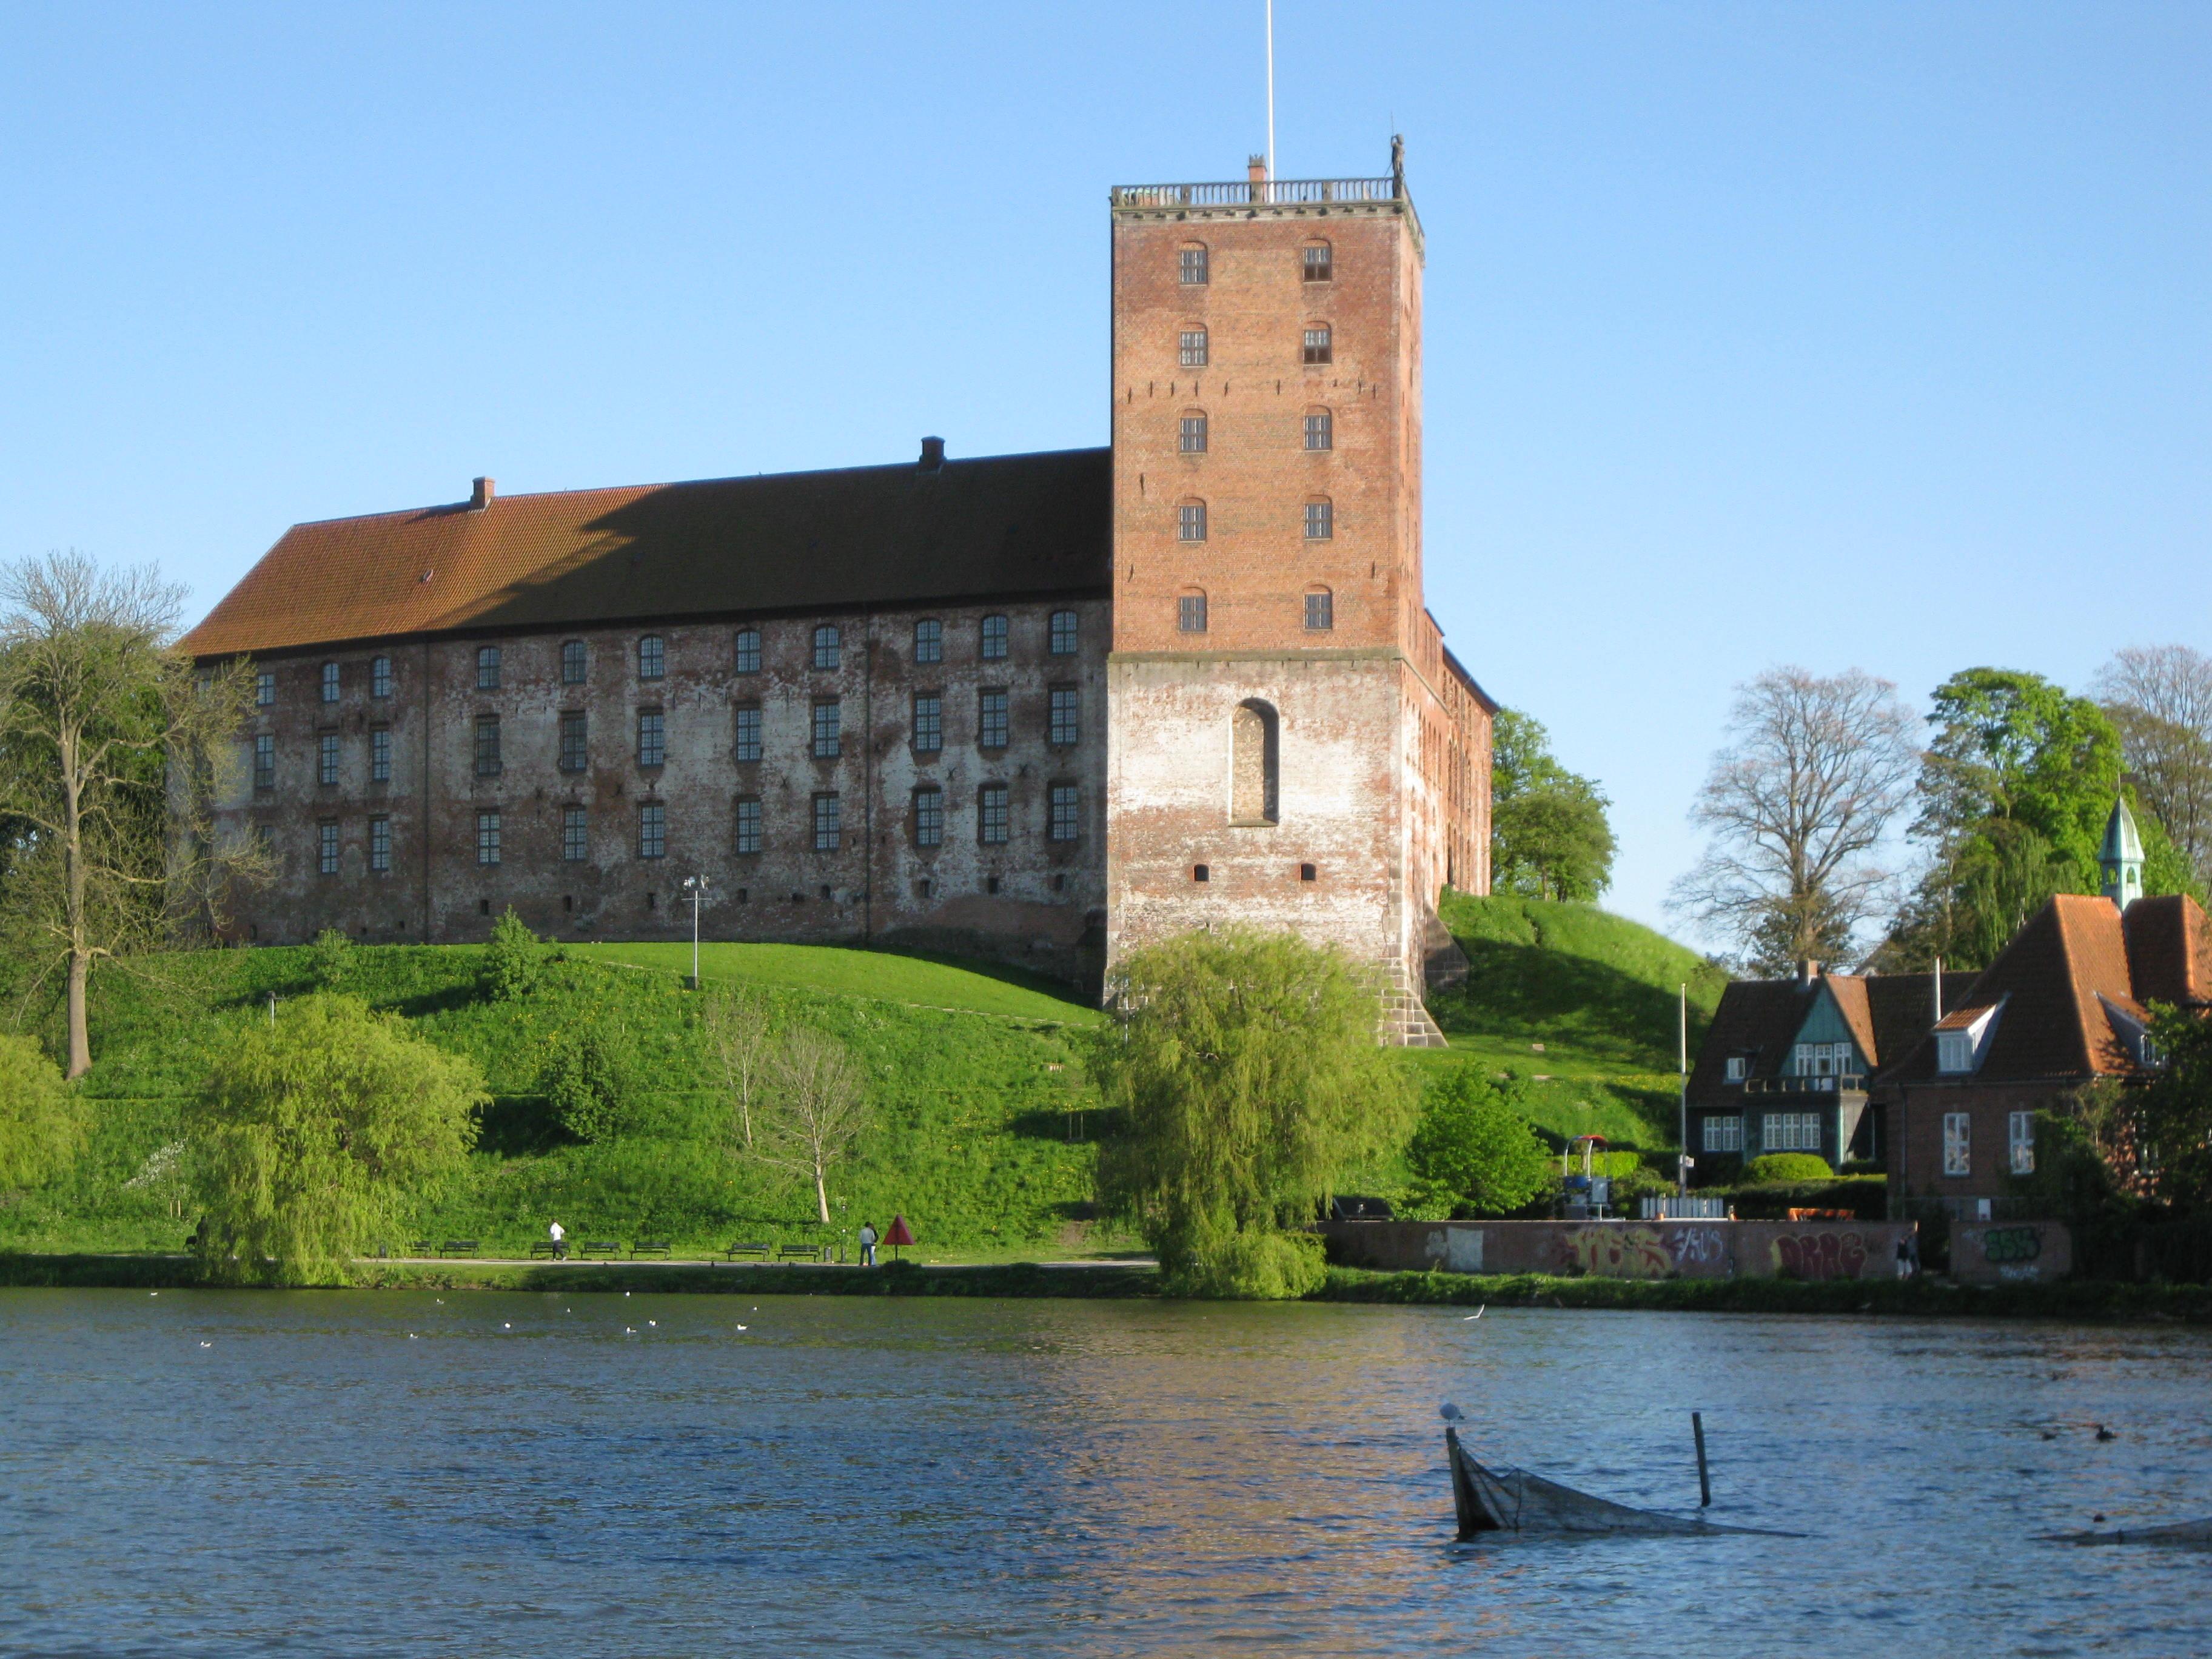 gratis museum i København escortgu